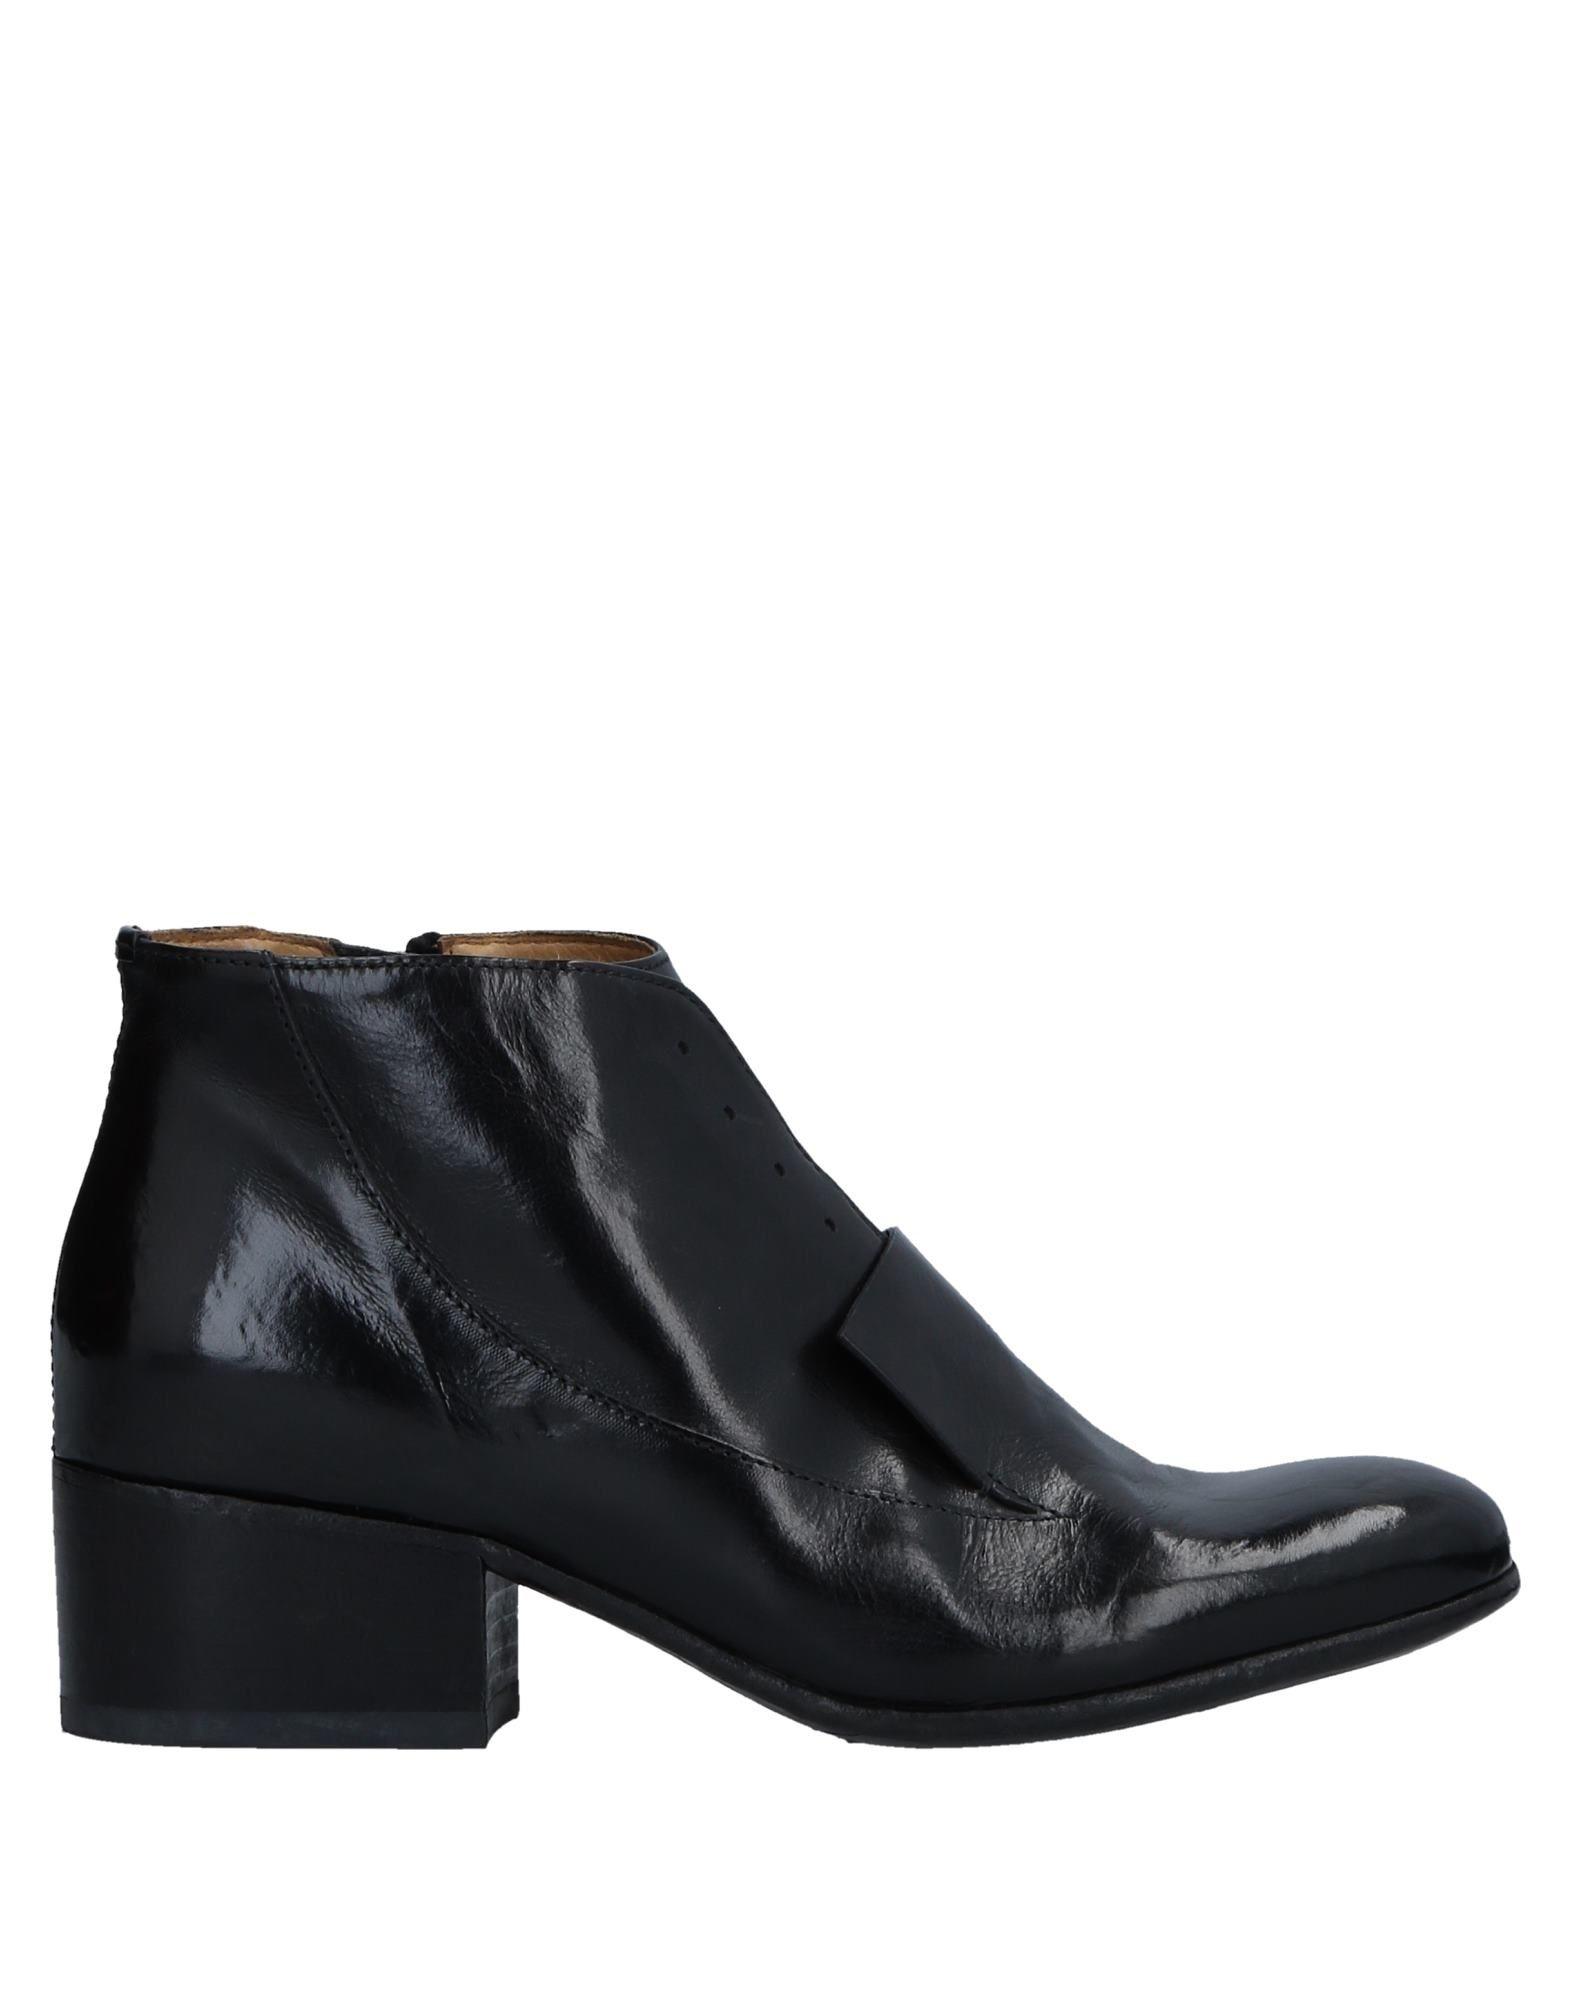 Sneakers Bagatt Uomo - 11505855VH Scarpe economiche e buone